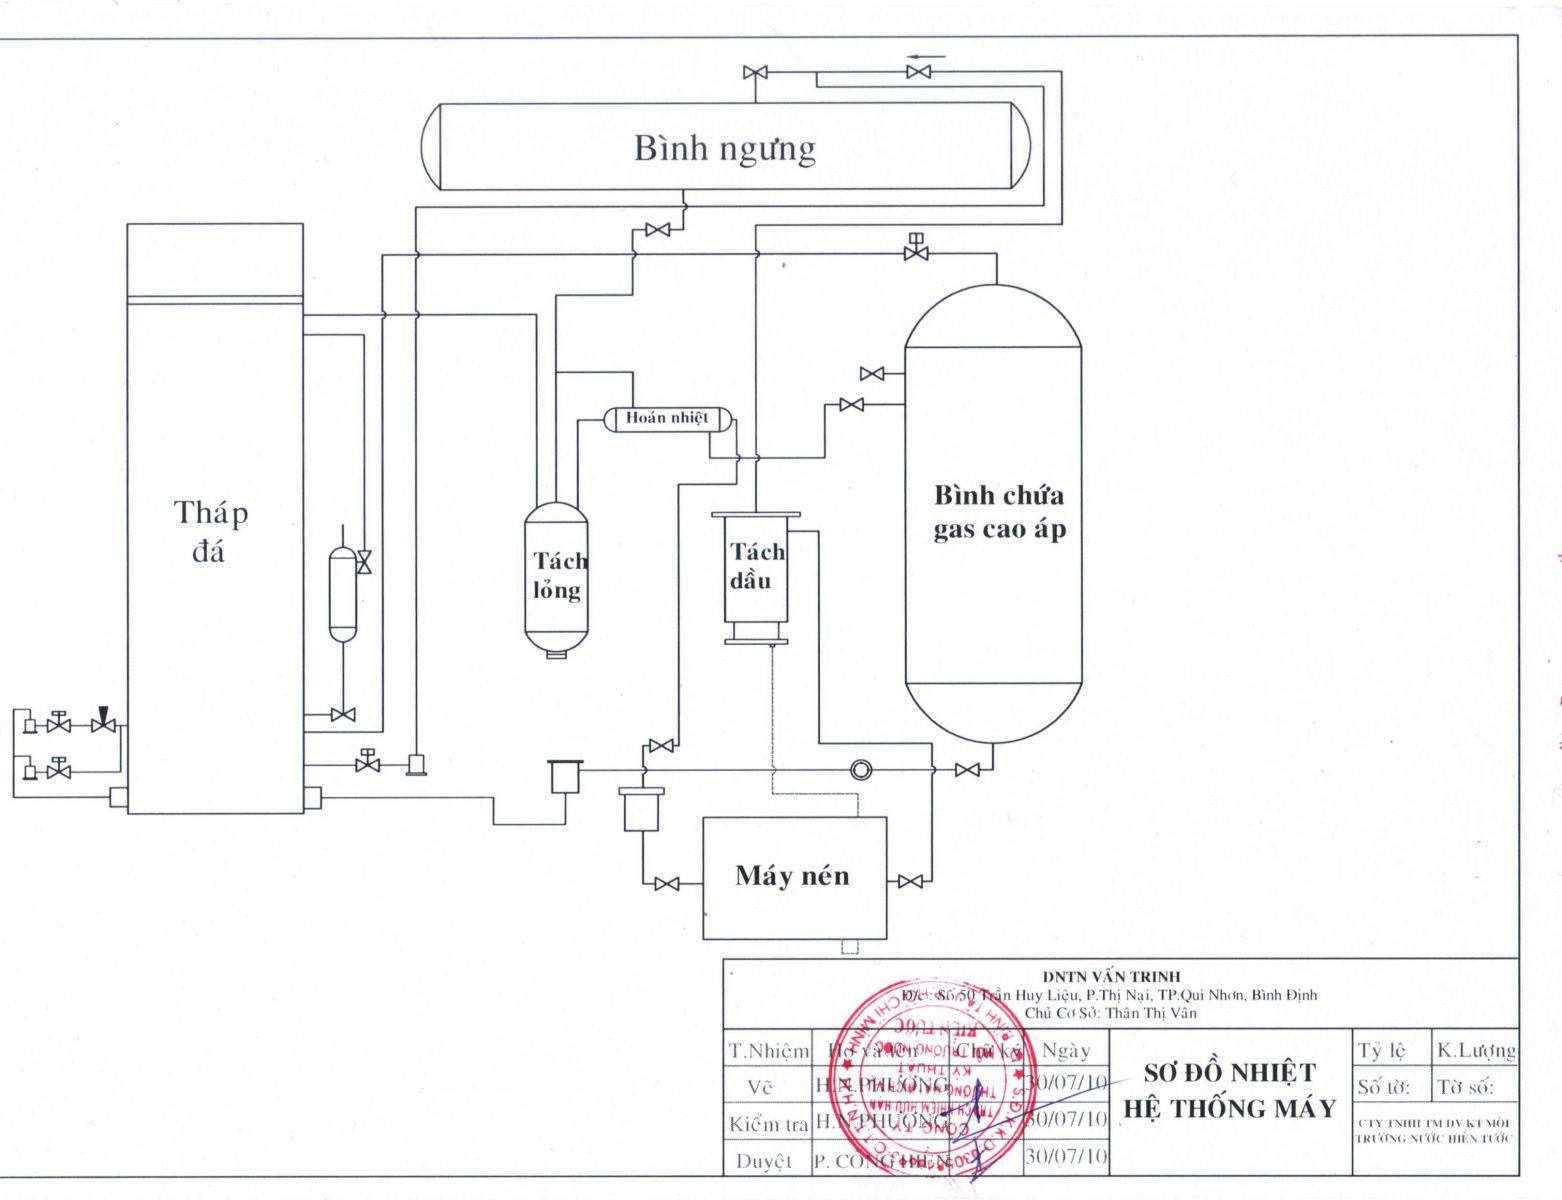 Bản vẽ cấu tạo chi tiết hệ thống